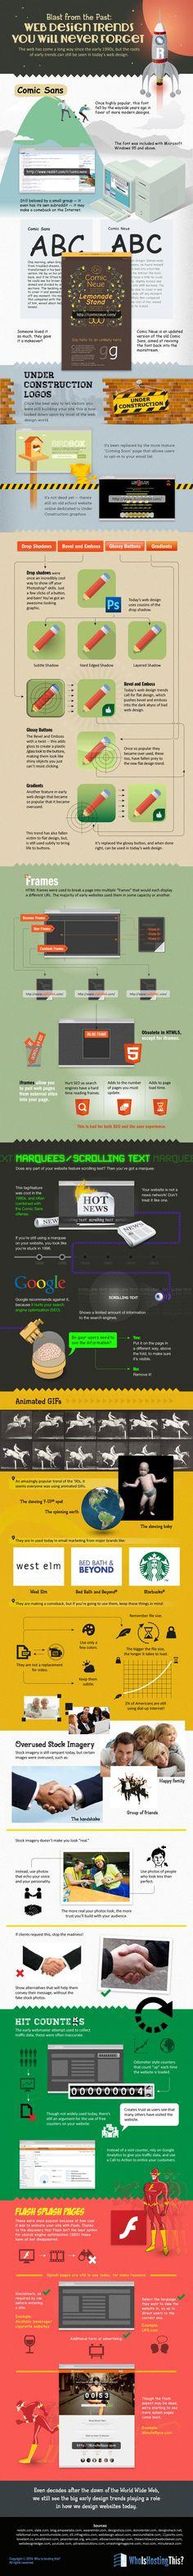 Webdesign-Trends der 1990er Jahre. (Grafik: WhoIsHostingThis)